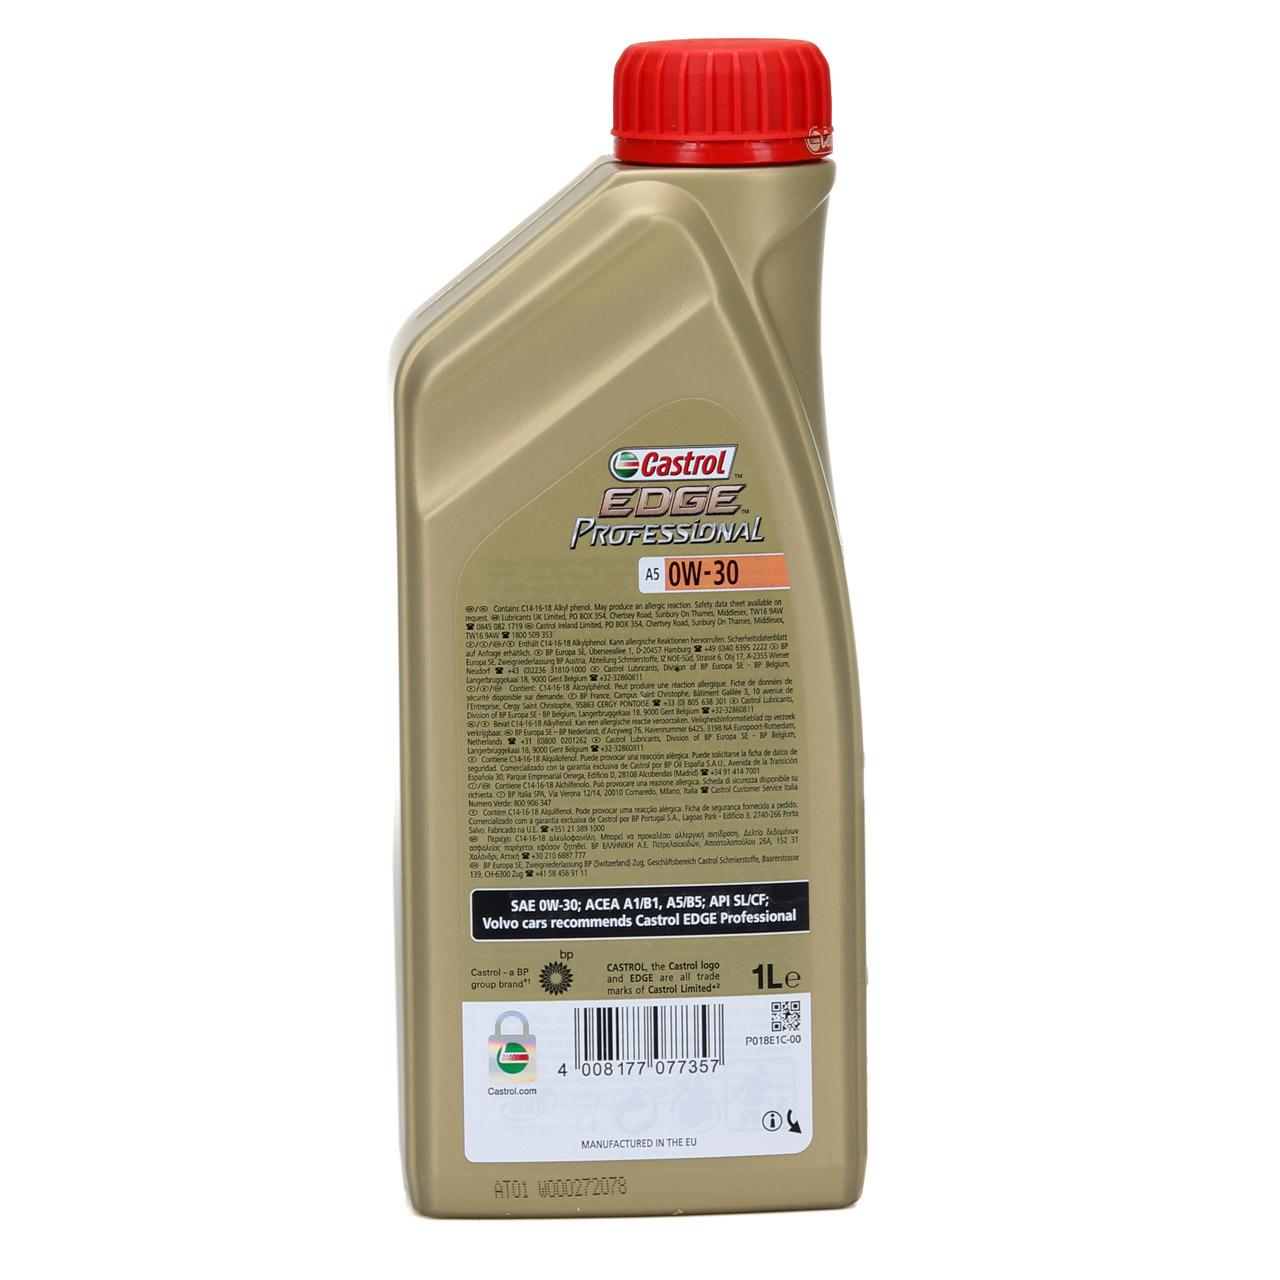 CASTROL EDGE Professional Motoröl Öl TITANIUM FST A5 0W-30 0W30 VOLVO 7 Liter